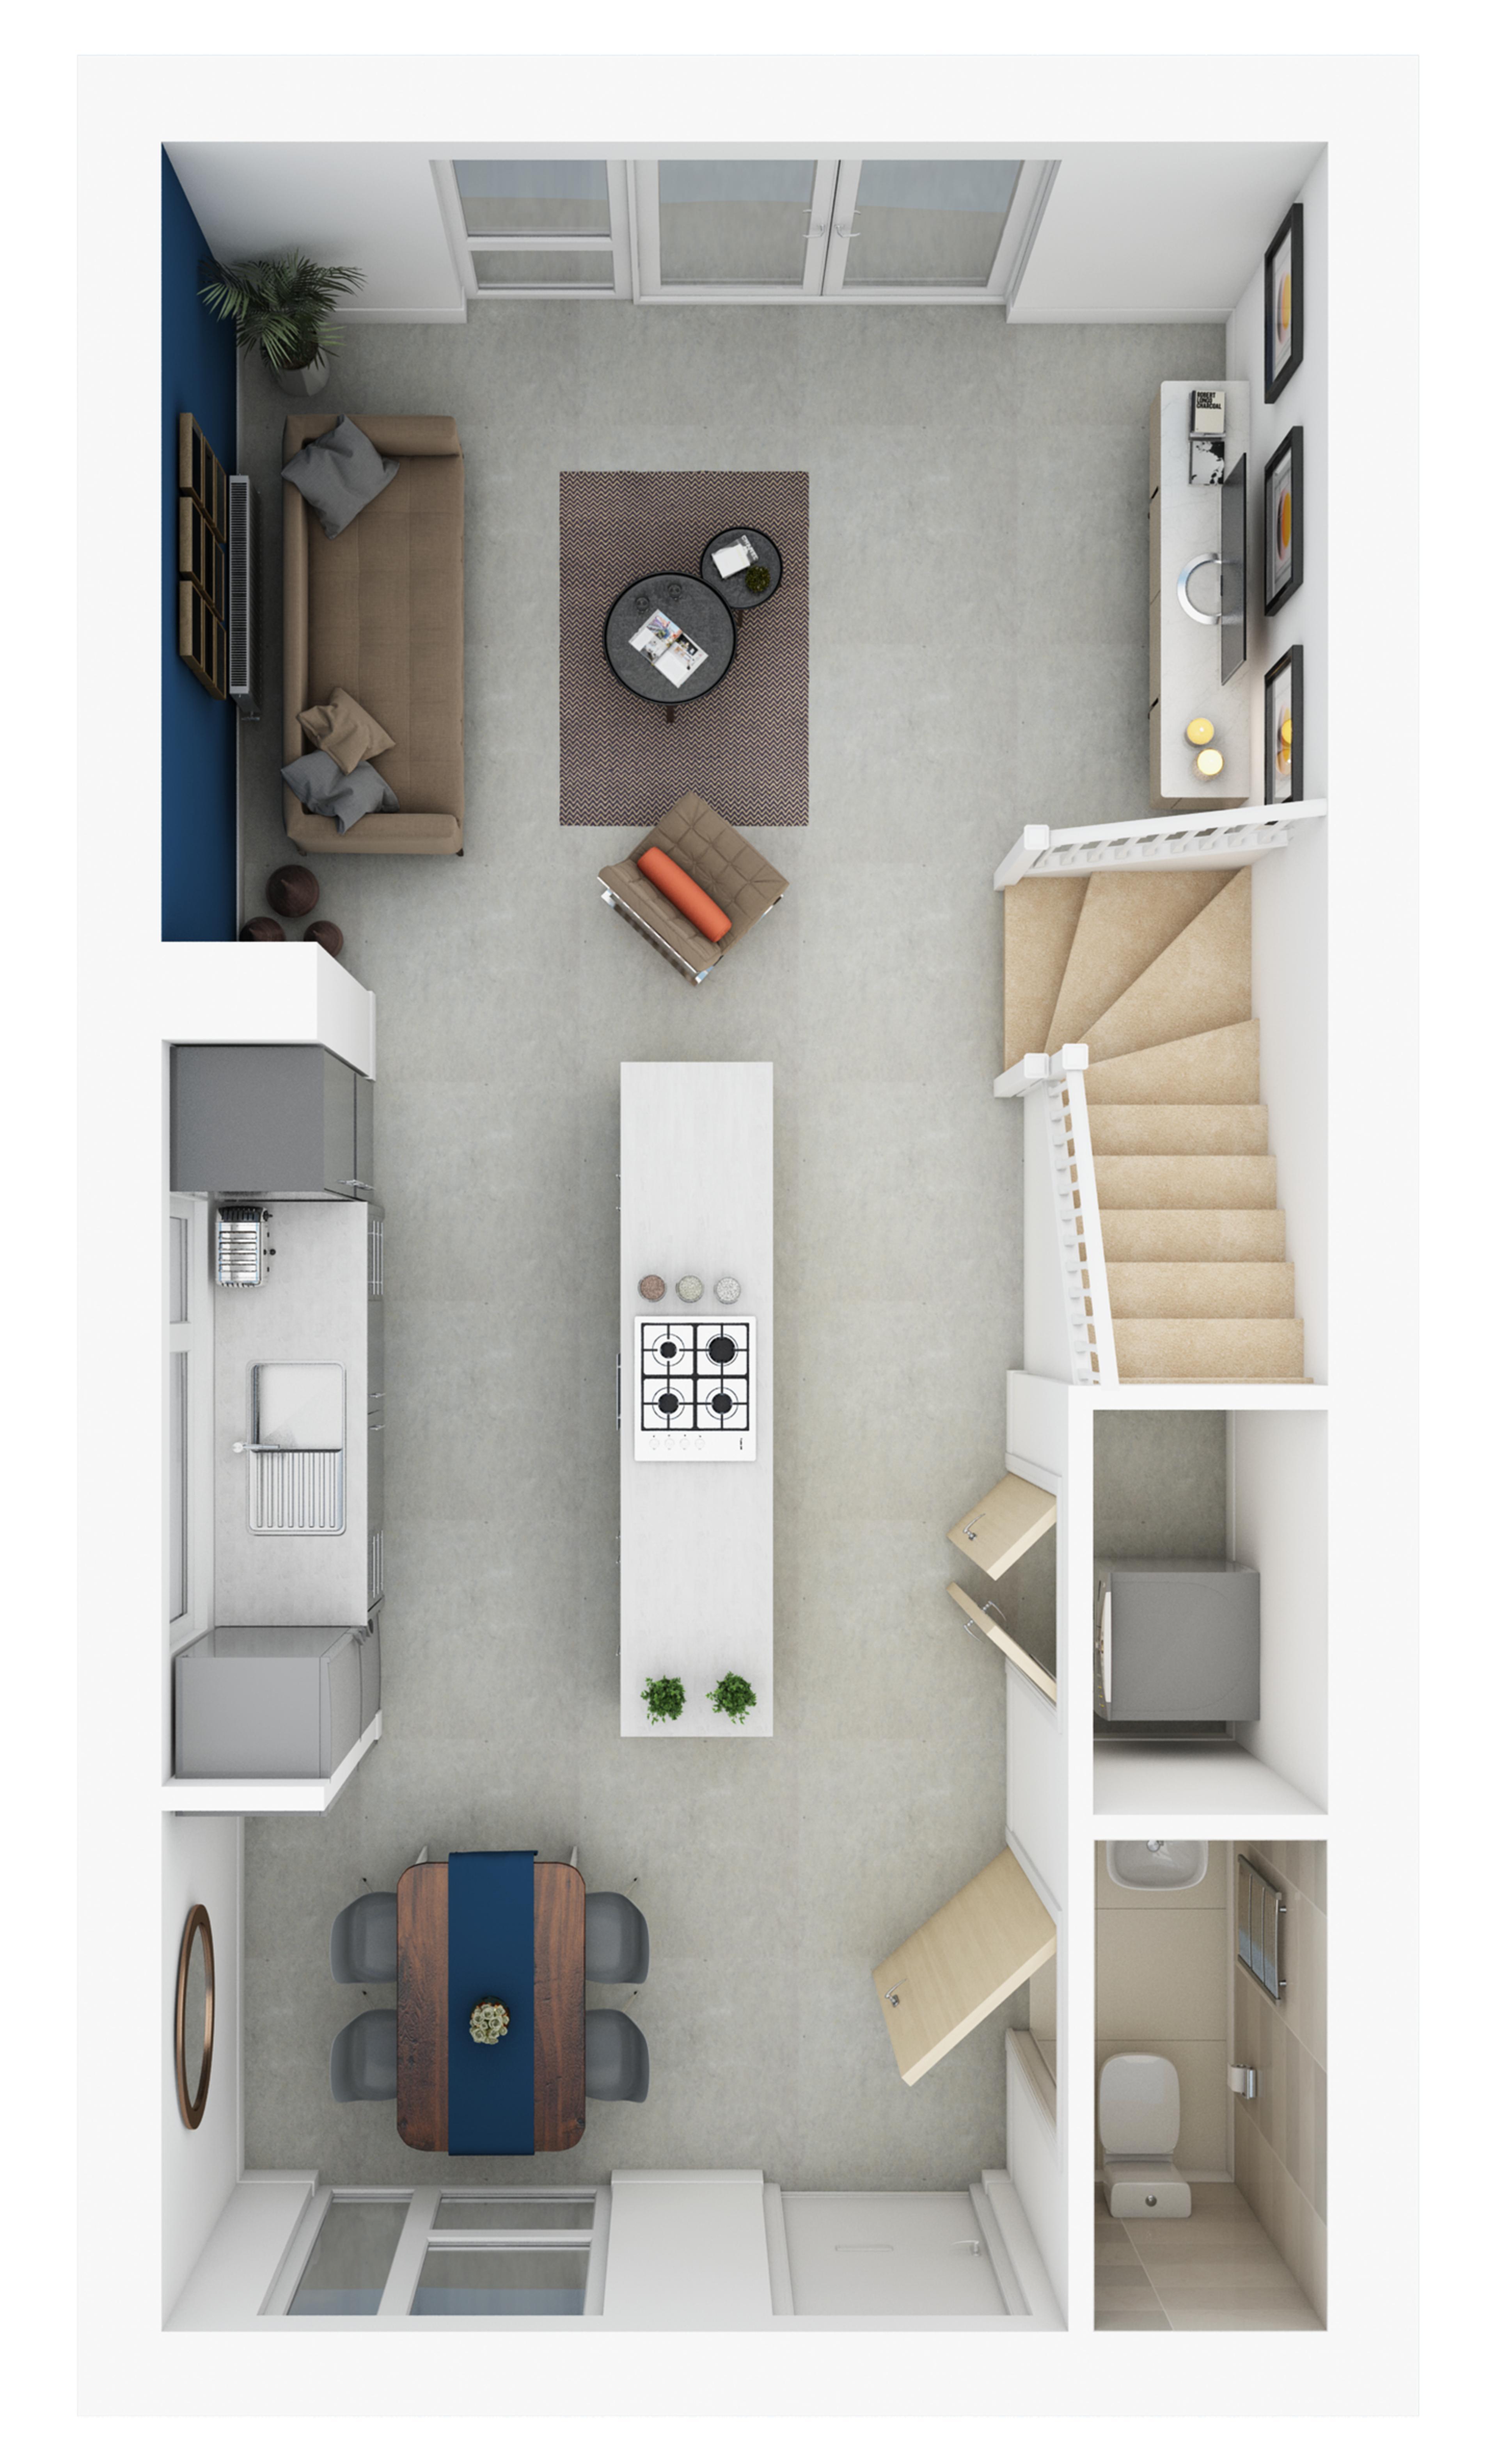 Watling Grange > Finchale > Ground floor